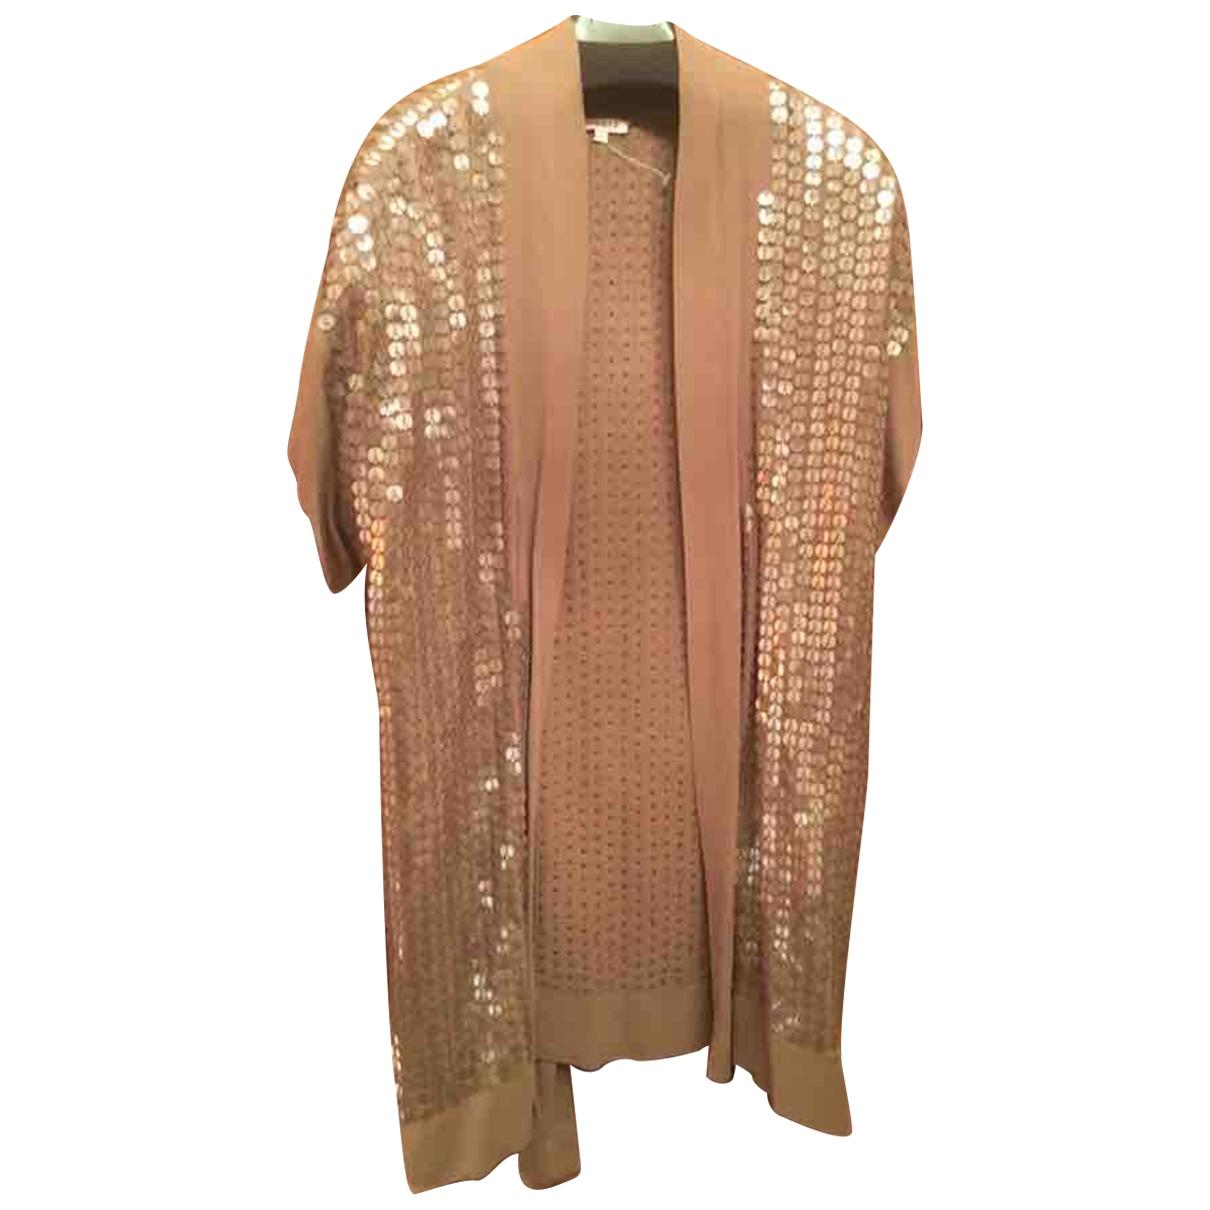 Parosh \N Knitwear for Women L International